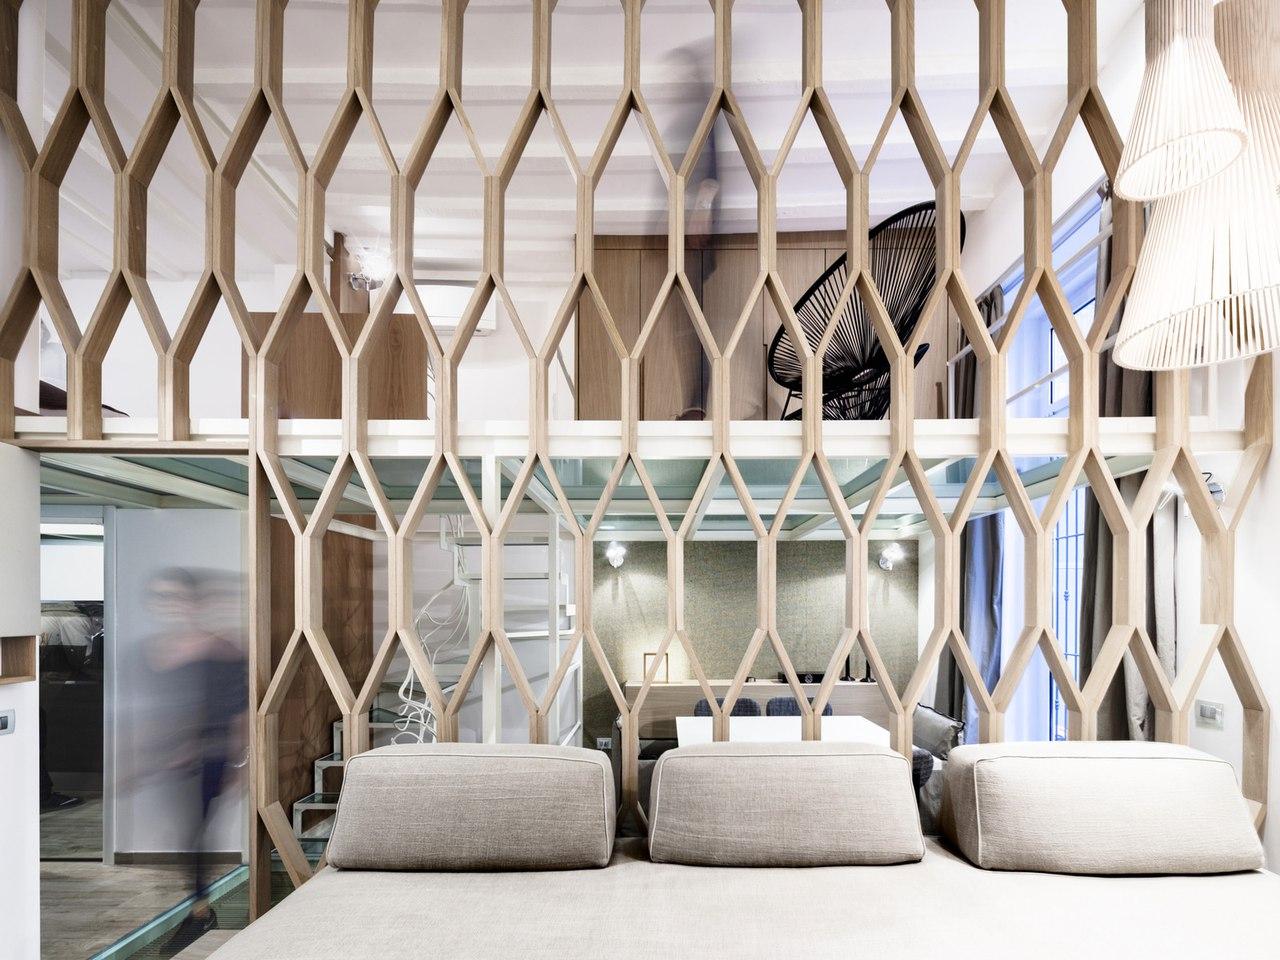 Интересный интерьер с решетчатыми деревянными перегородками.